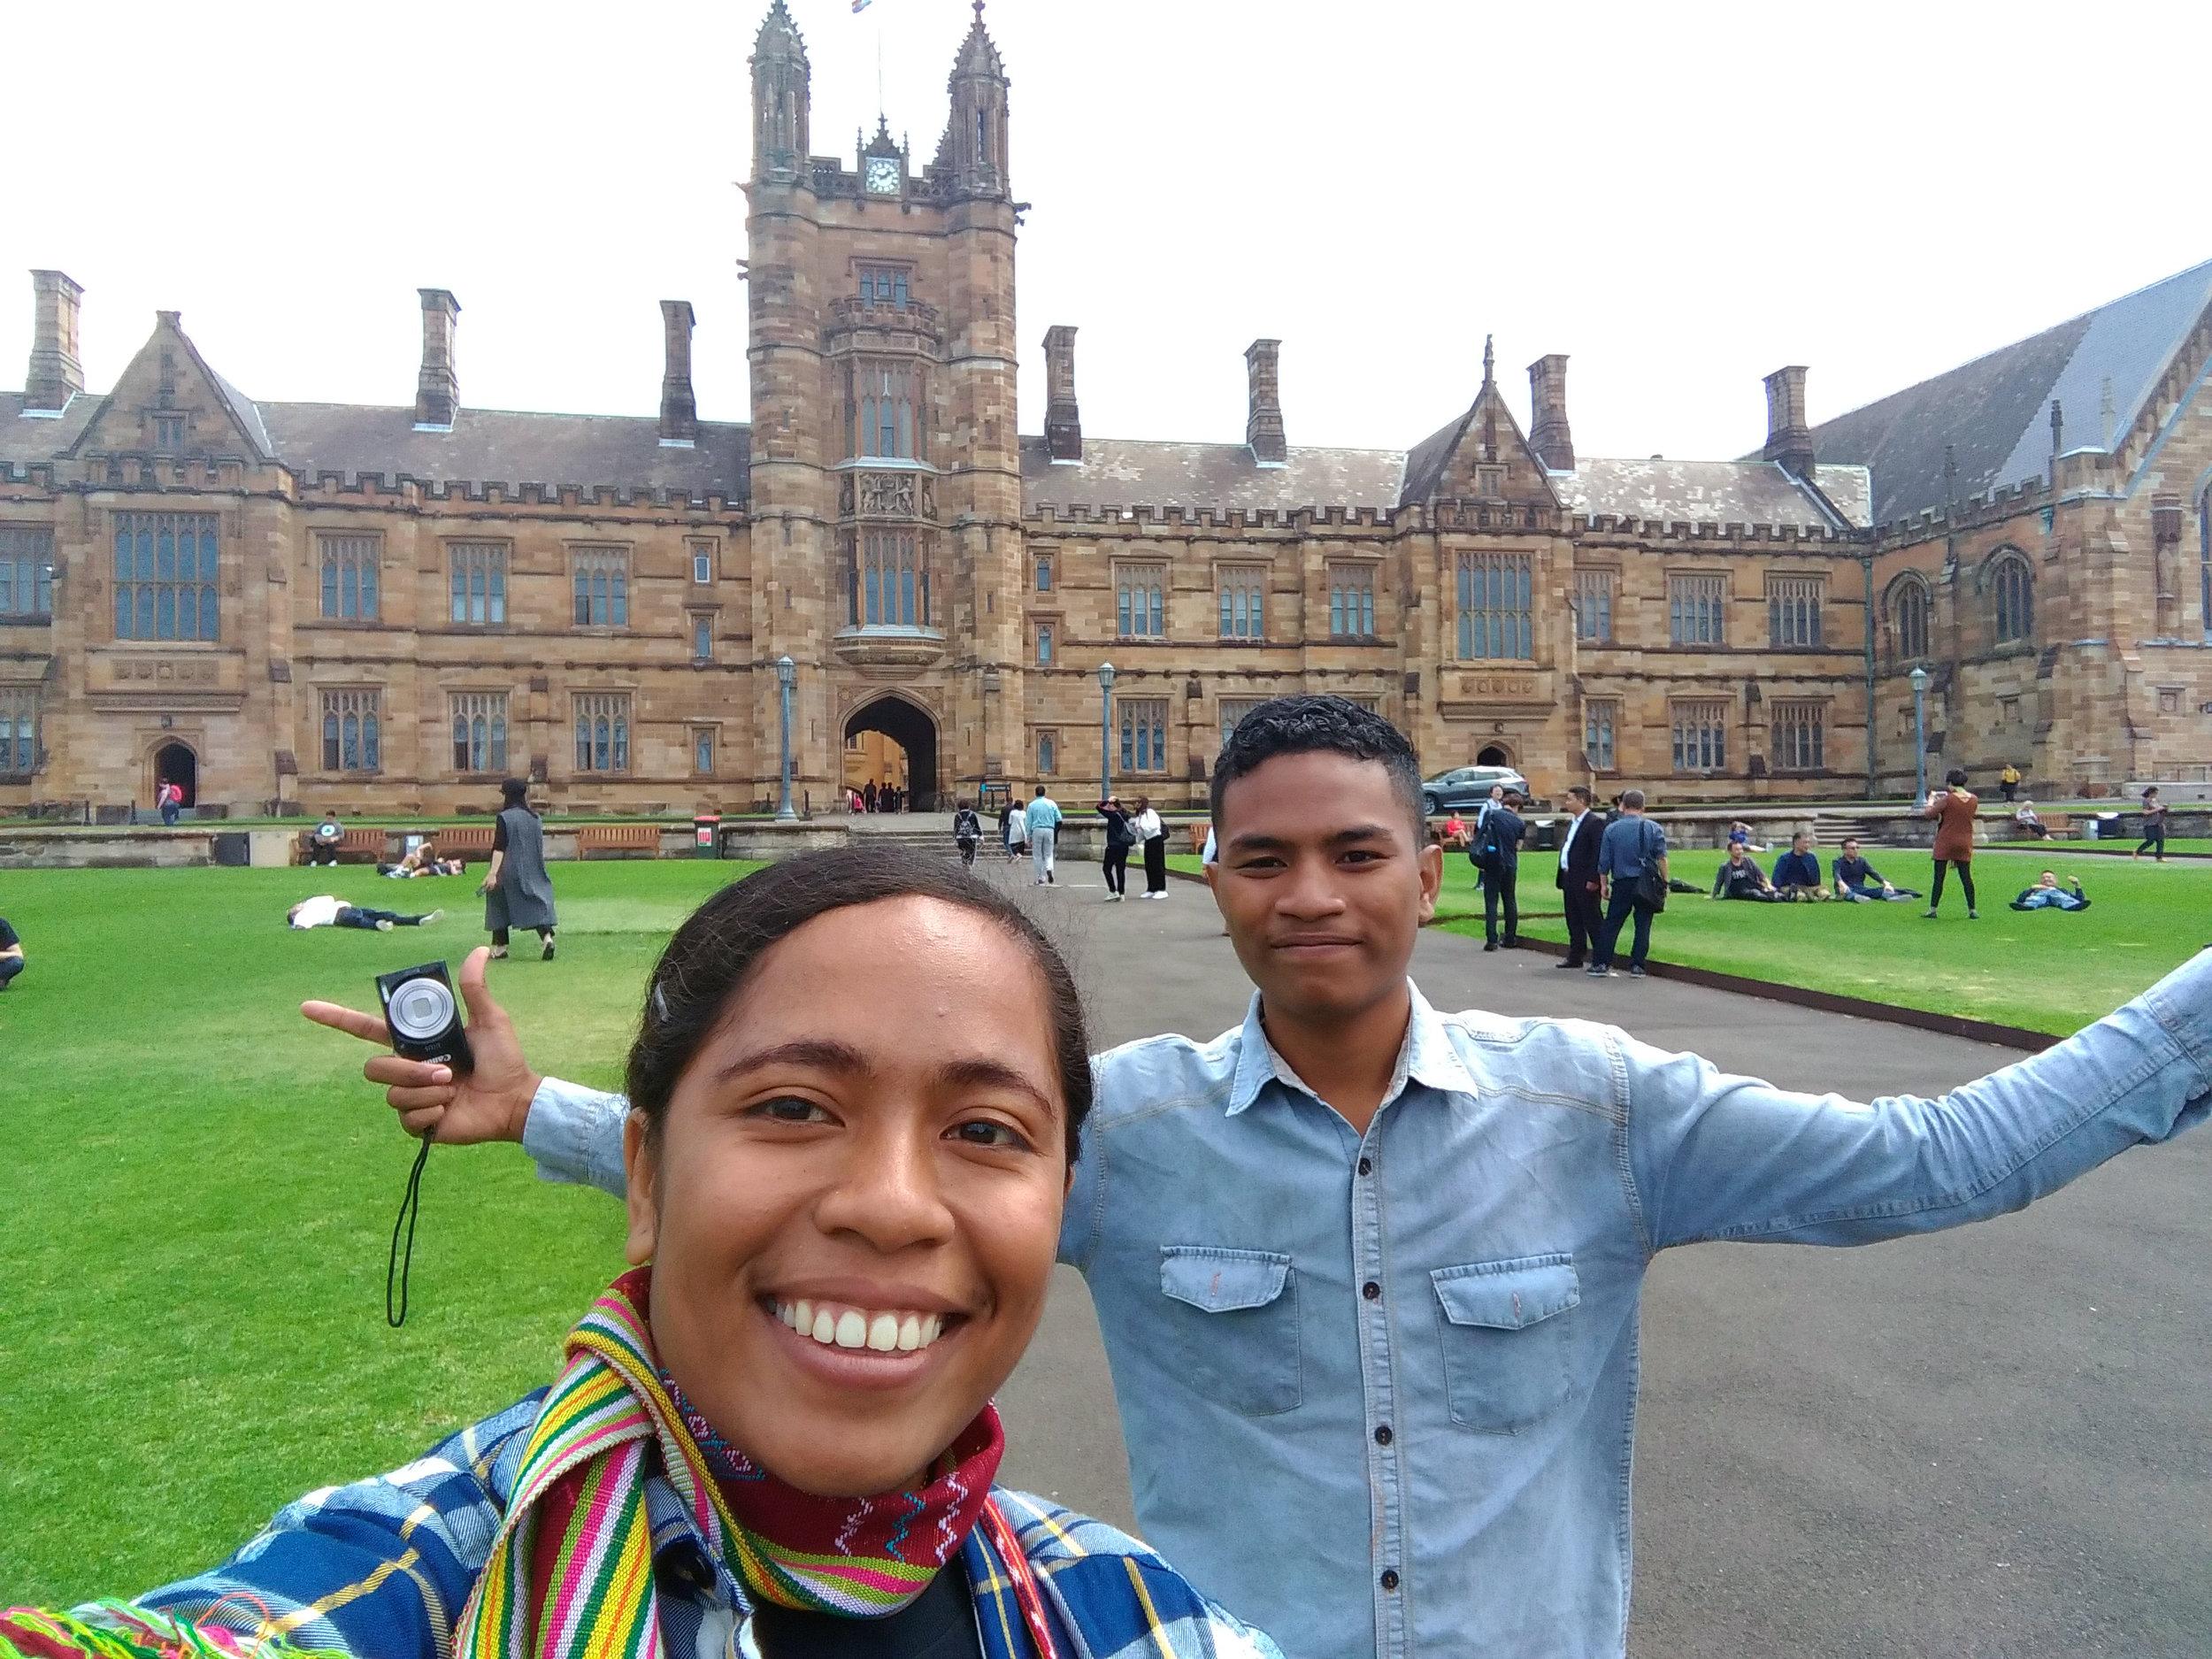 Not Hogwarts? University of Sydney, Australia